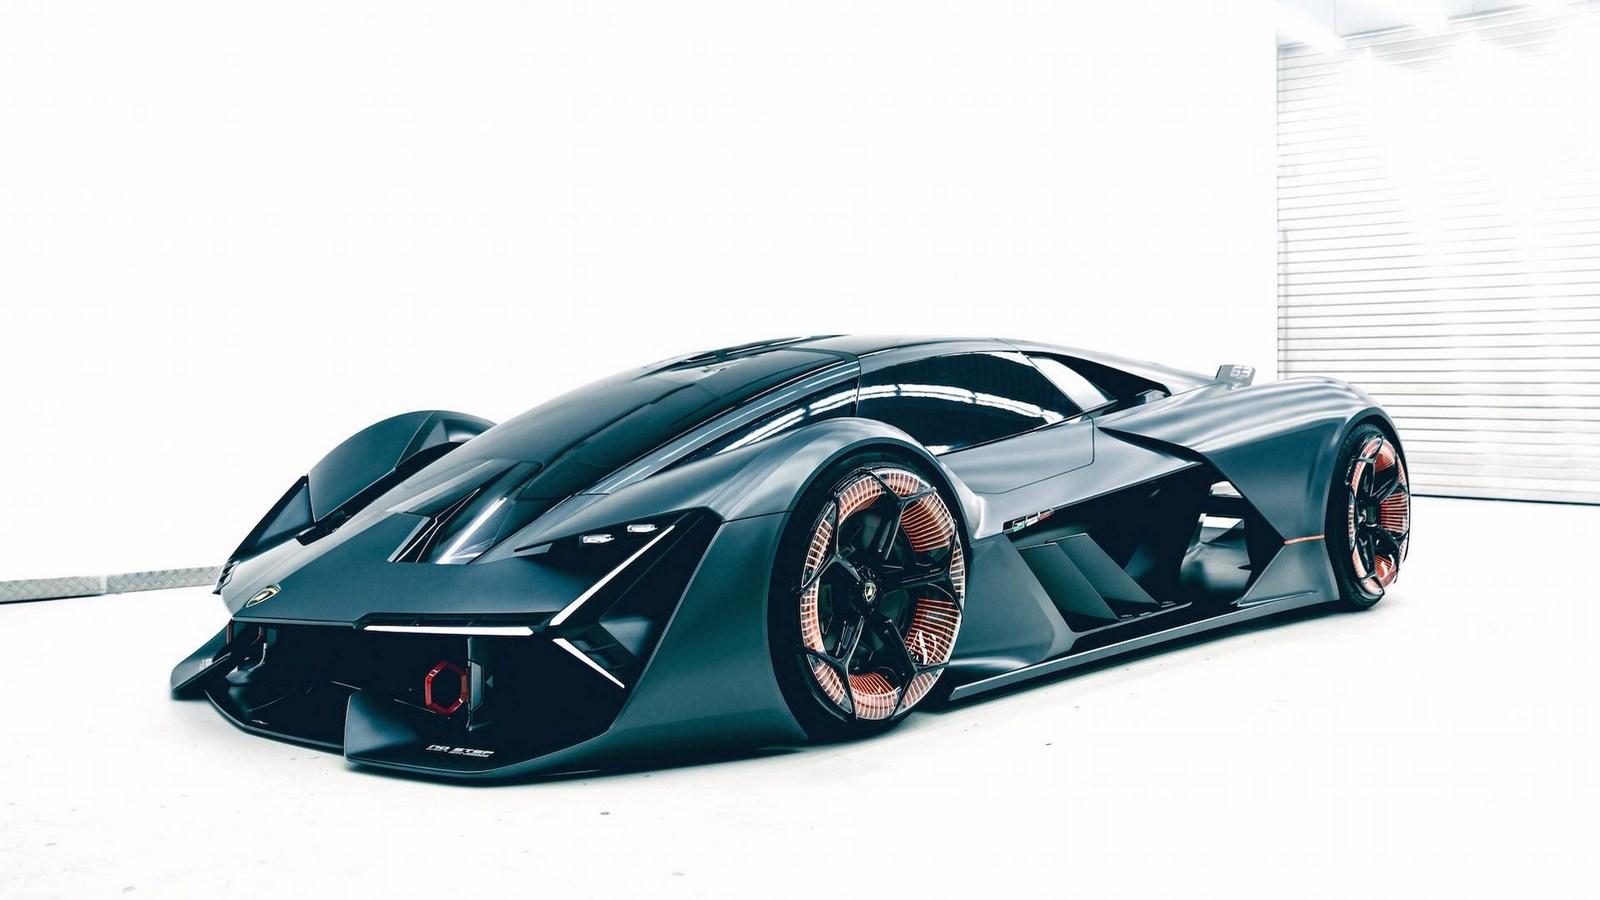 Lamborghini Terzo Millennio concept Lamborghini Terzo Millennio